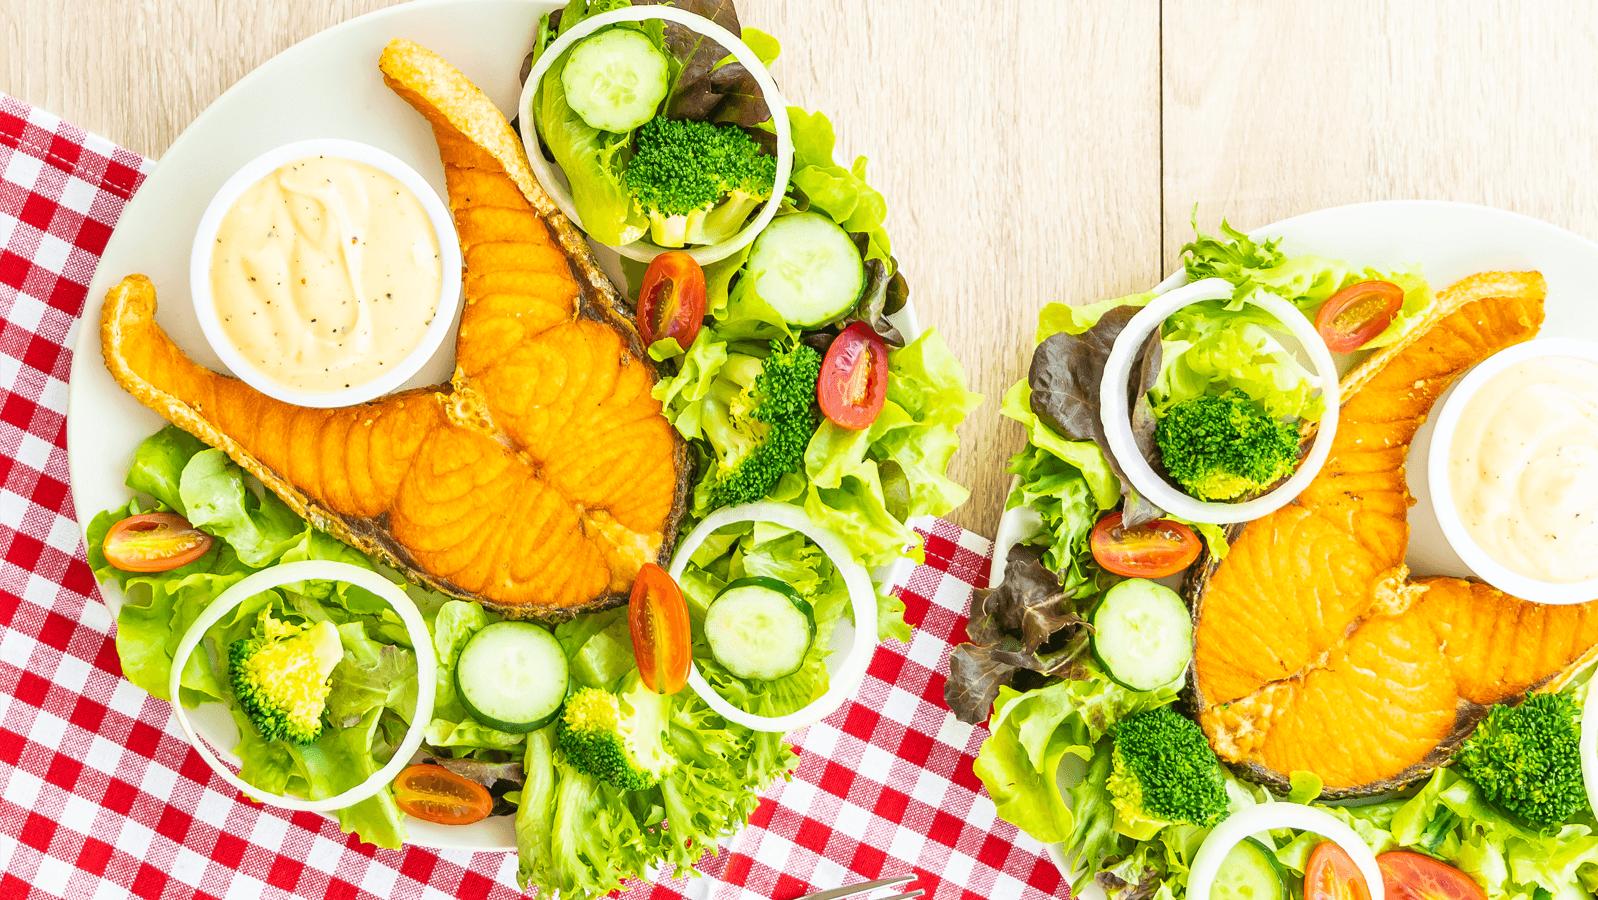 Khác với chế độ ăn kiêng khác là bạn cần ăn lượng chất béo nhiều hơn